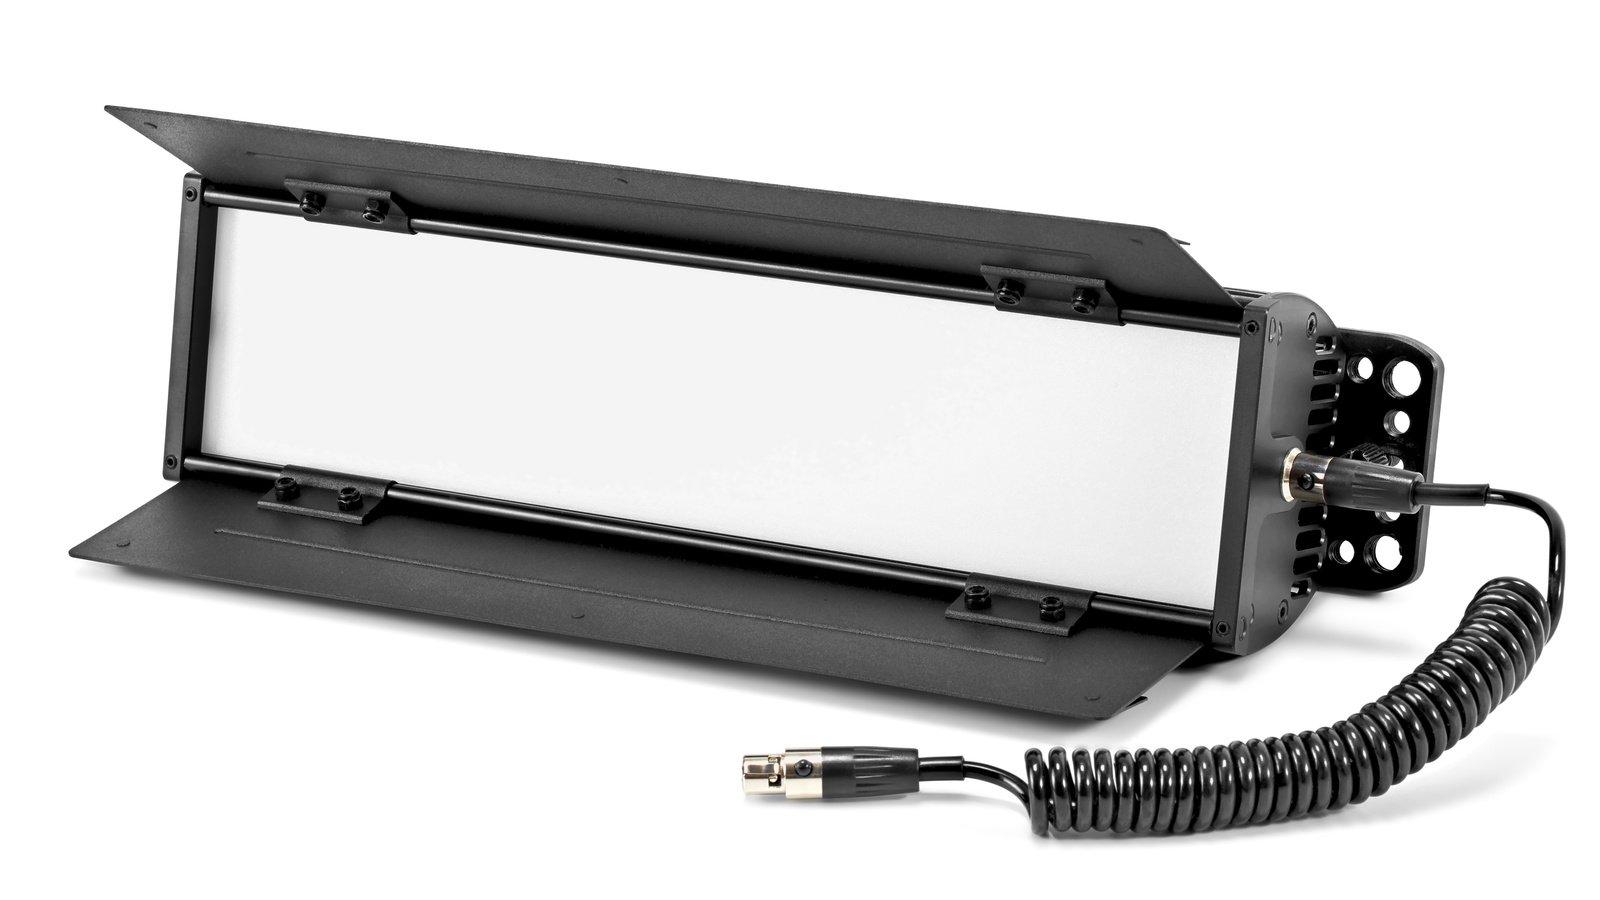 Brightcast Rotabar R-345 zusatz BiColor LED Modul mit hoher Lichtleistung.